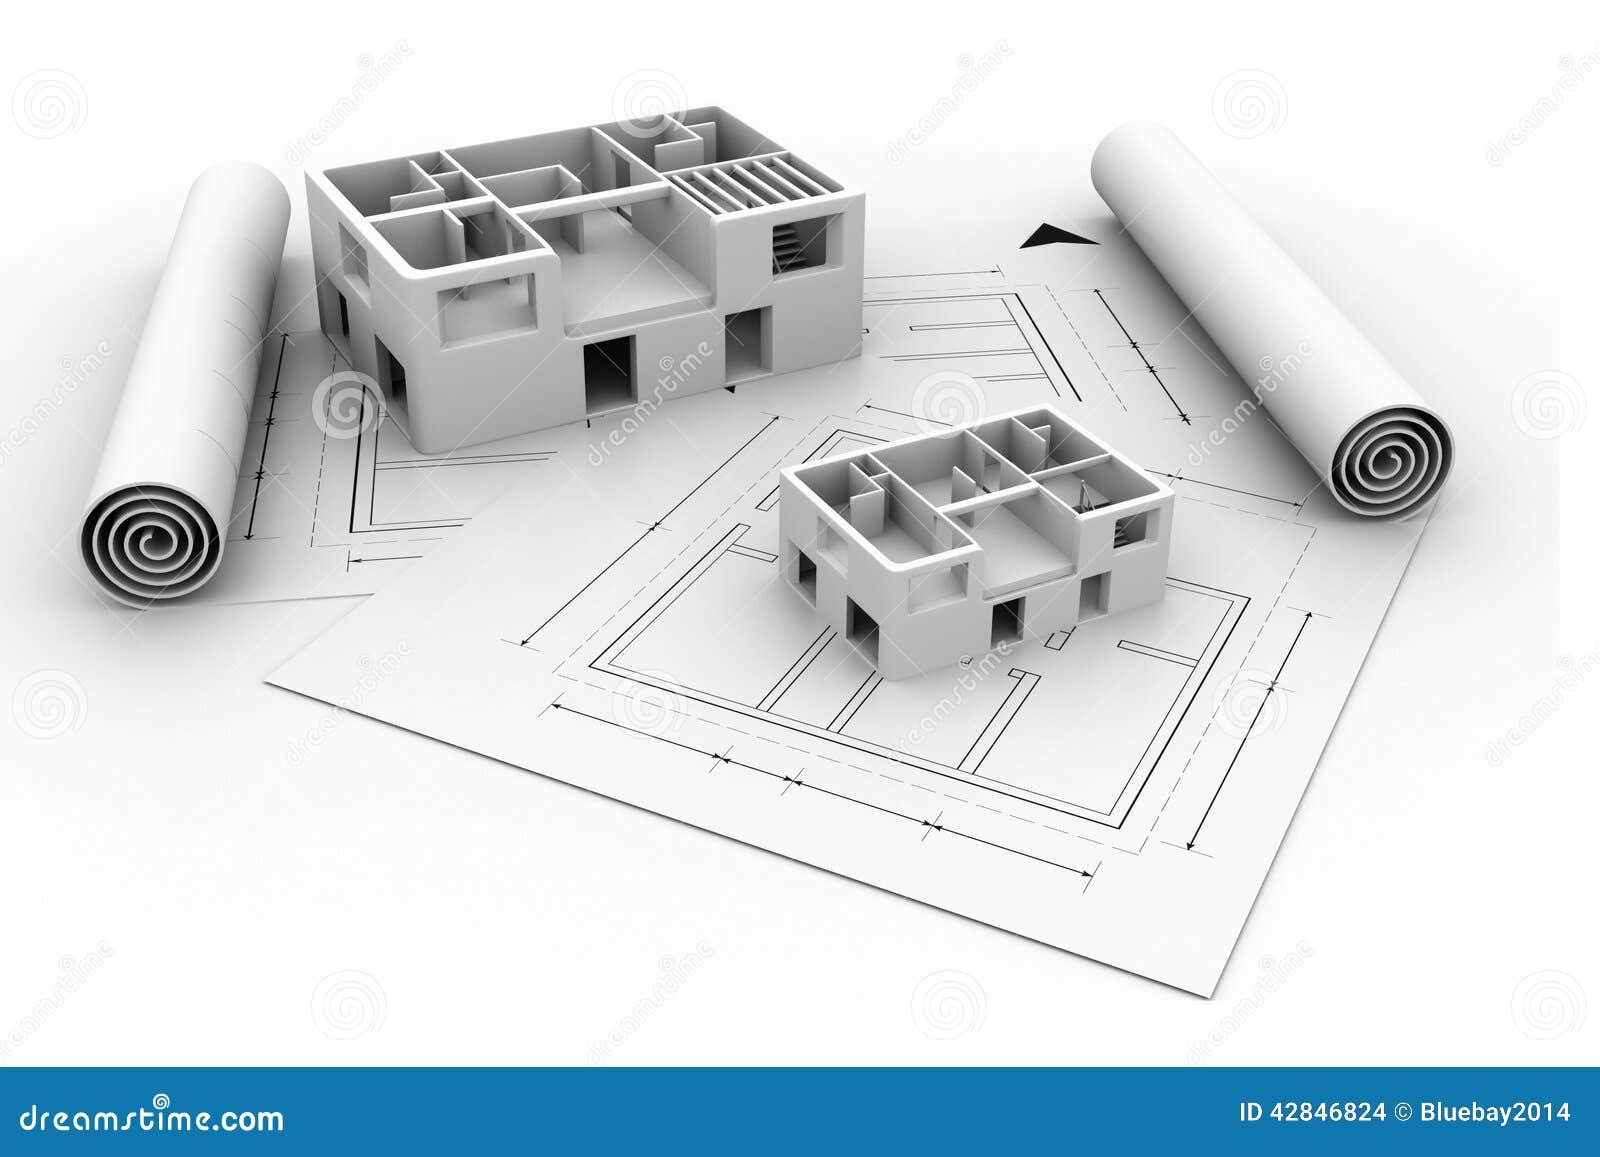 Plan De Croquis De Mise Au Point De Maison De L Architecture 3d